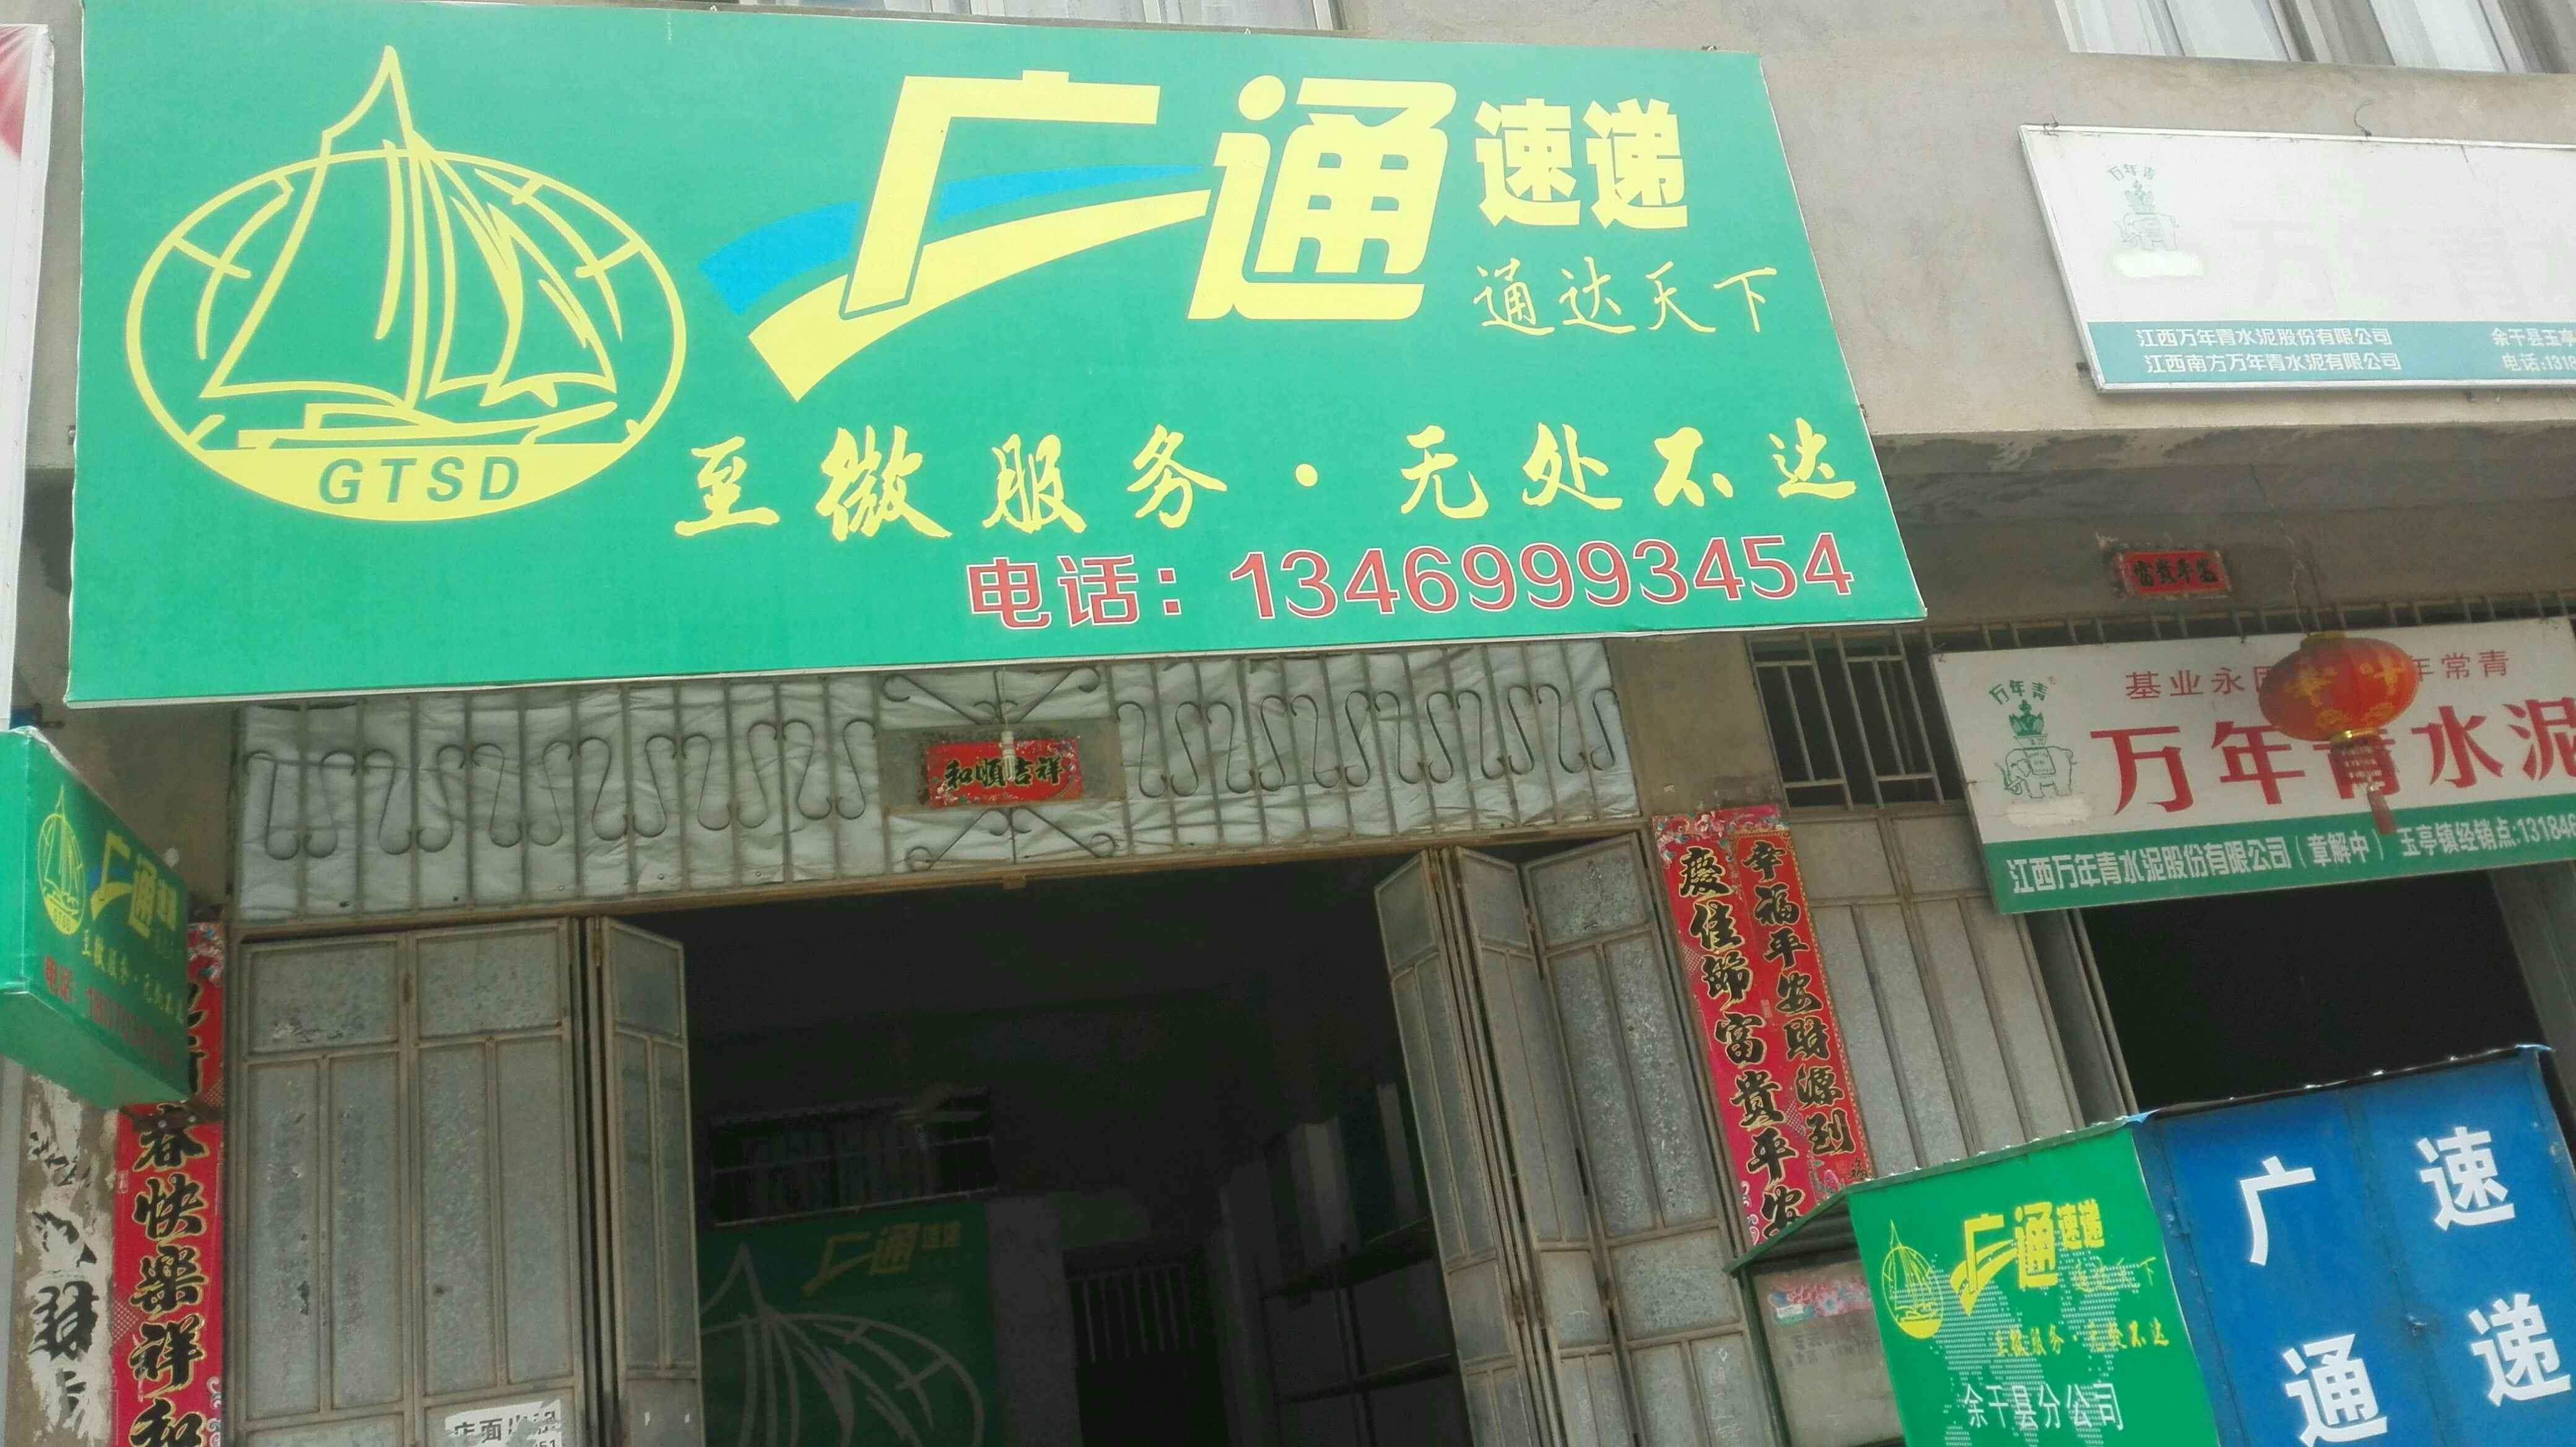 广通速递物流鹰潭分公司